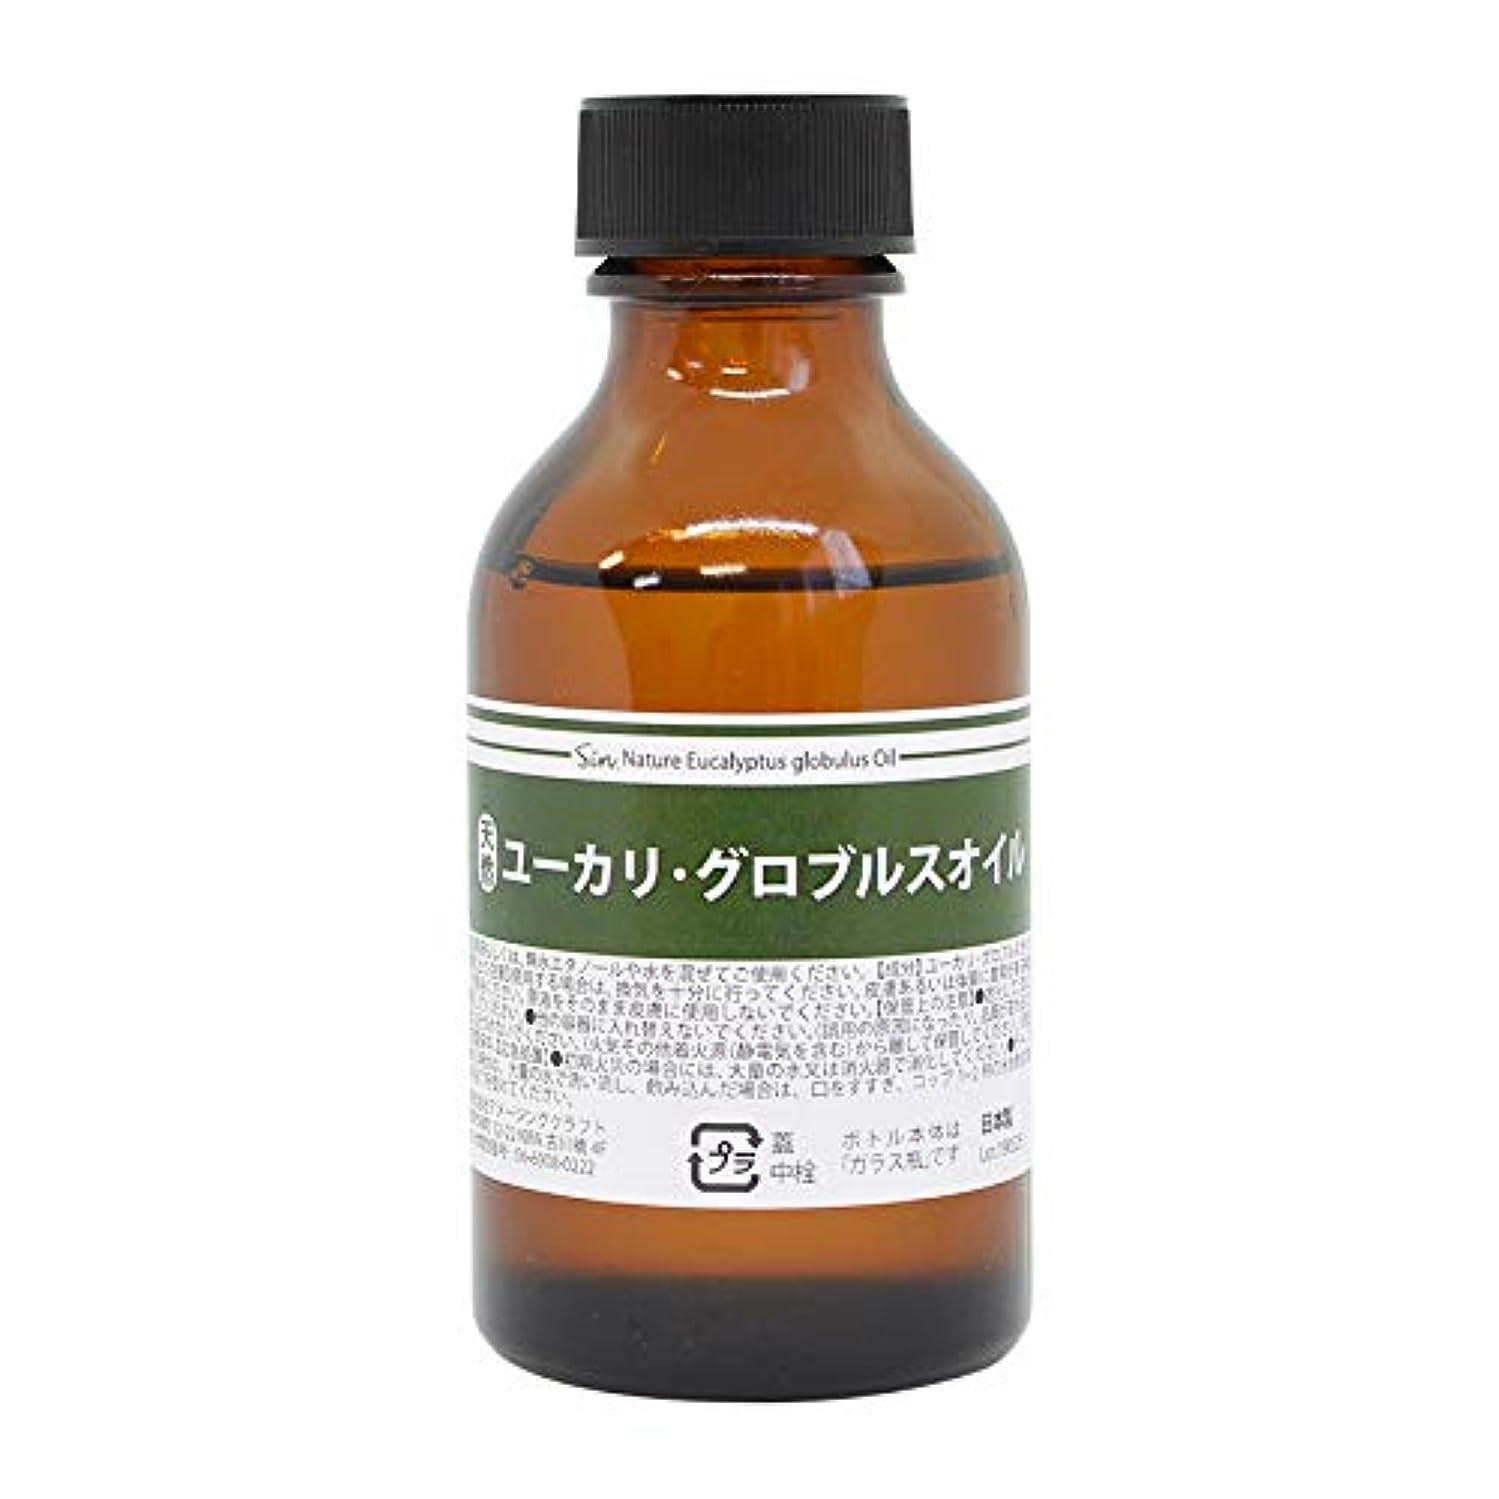 毒表向き知り合い天然100% ユーカリ グロブルス オイル 100ml アロマオイル ユーカリプタス